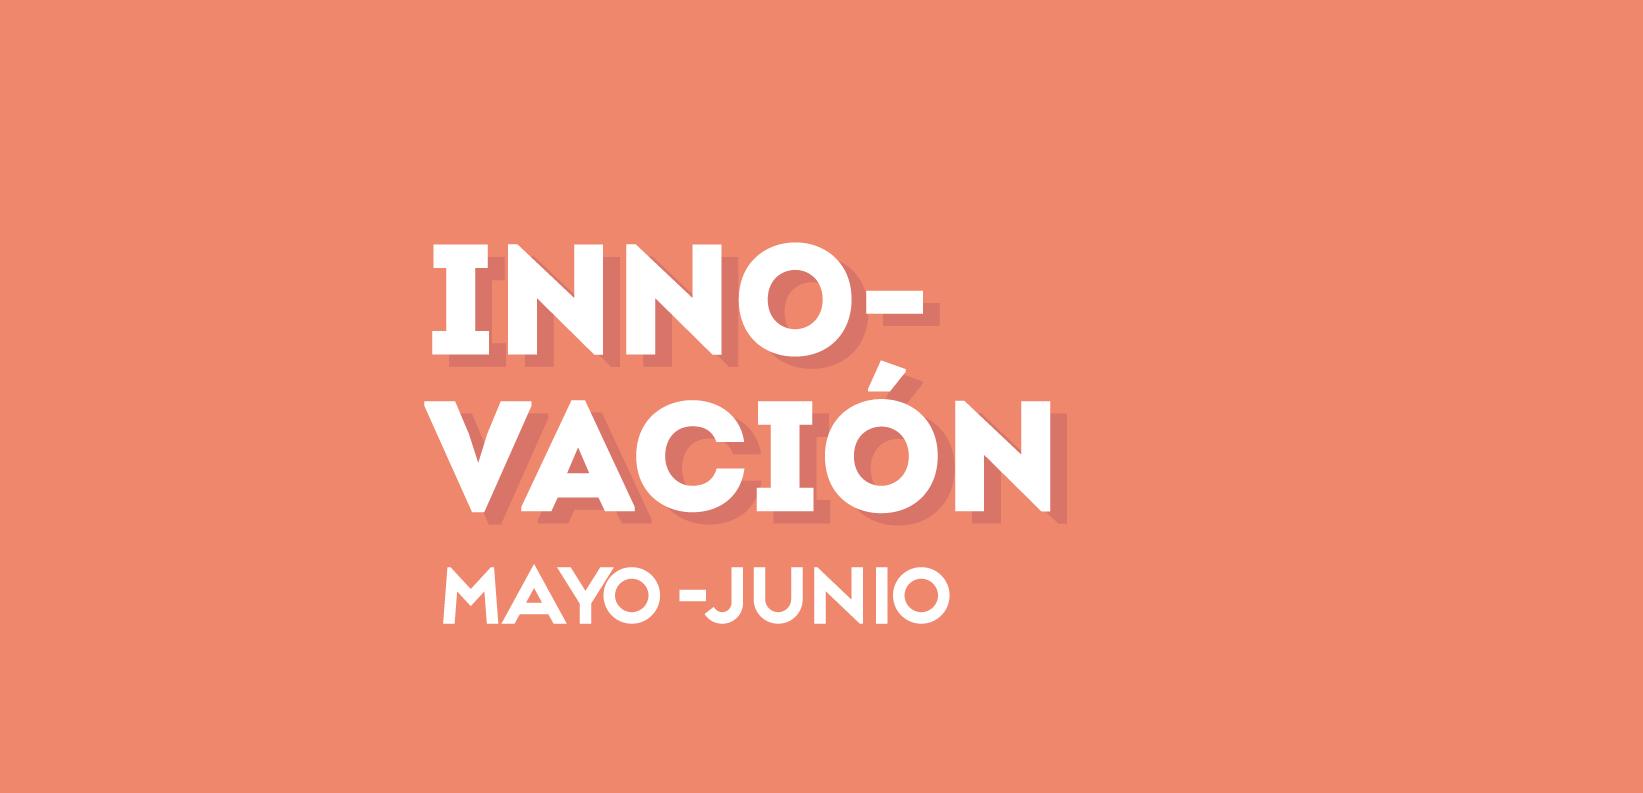 Innovación mayo-junio